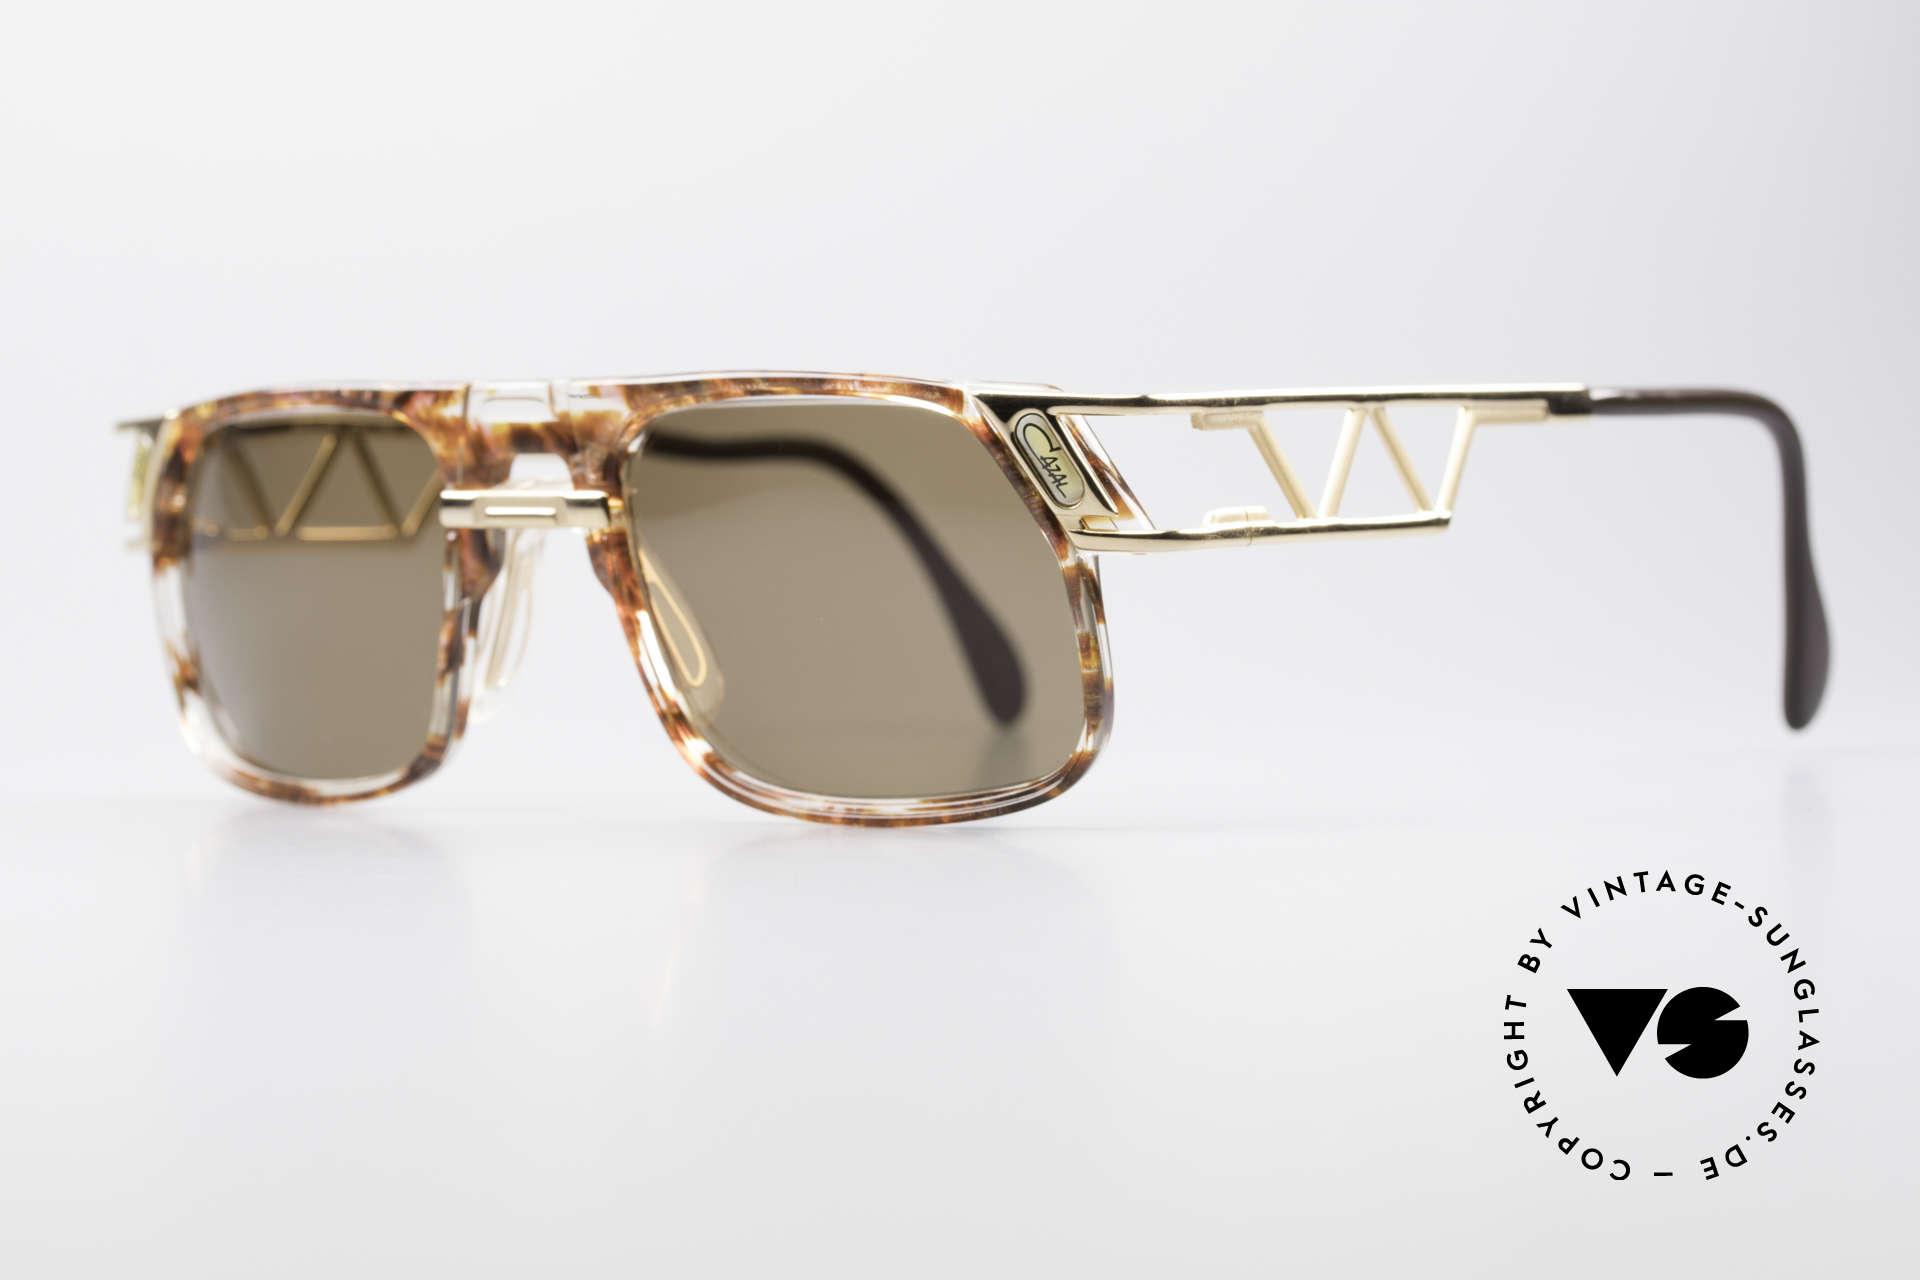 Cazal 876 Echt 90er No Retro Brille, einzigartige Konstruktion & aufwendige Farbgestaltung, Passend für Herren und Damen